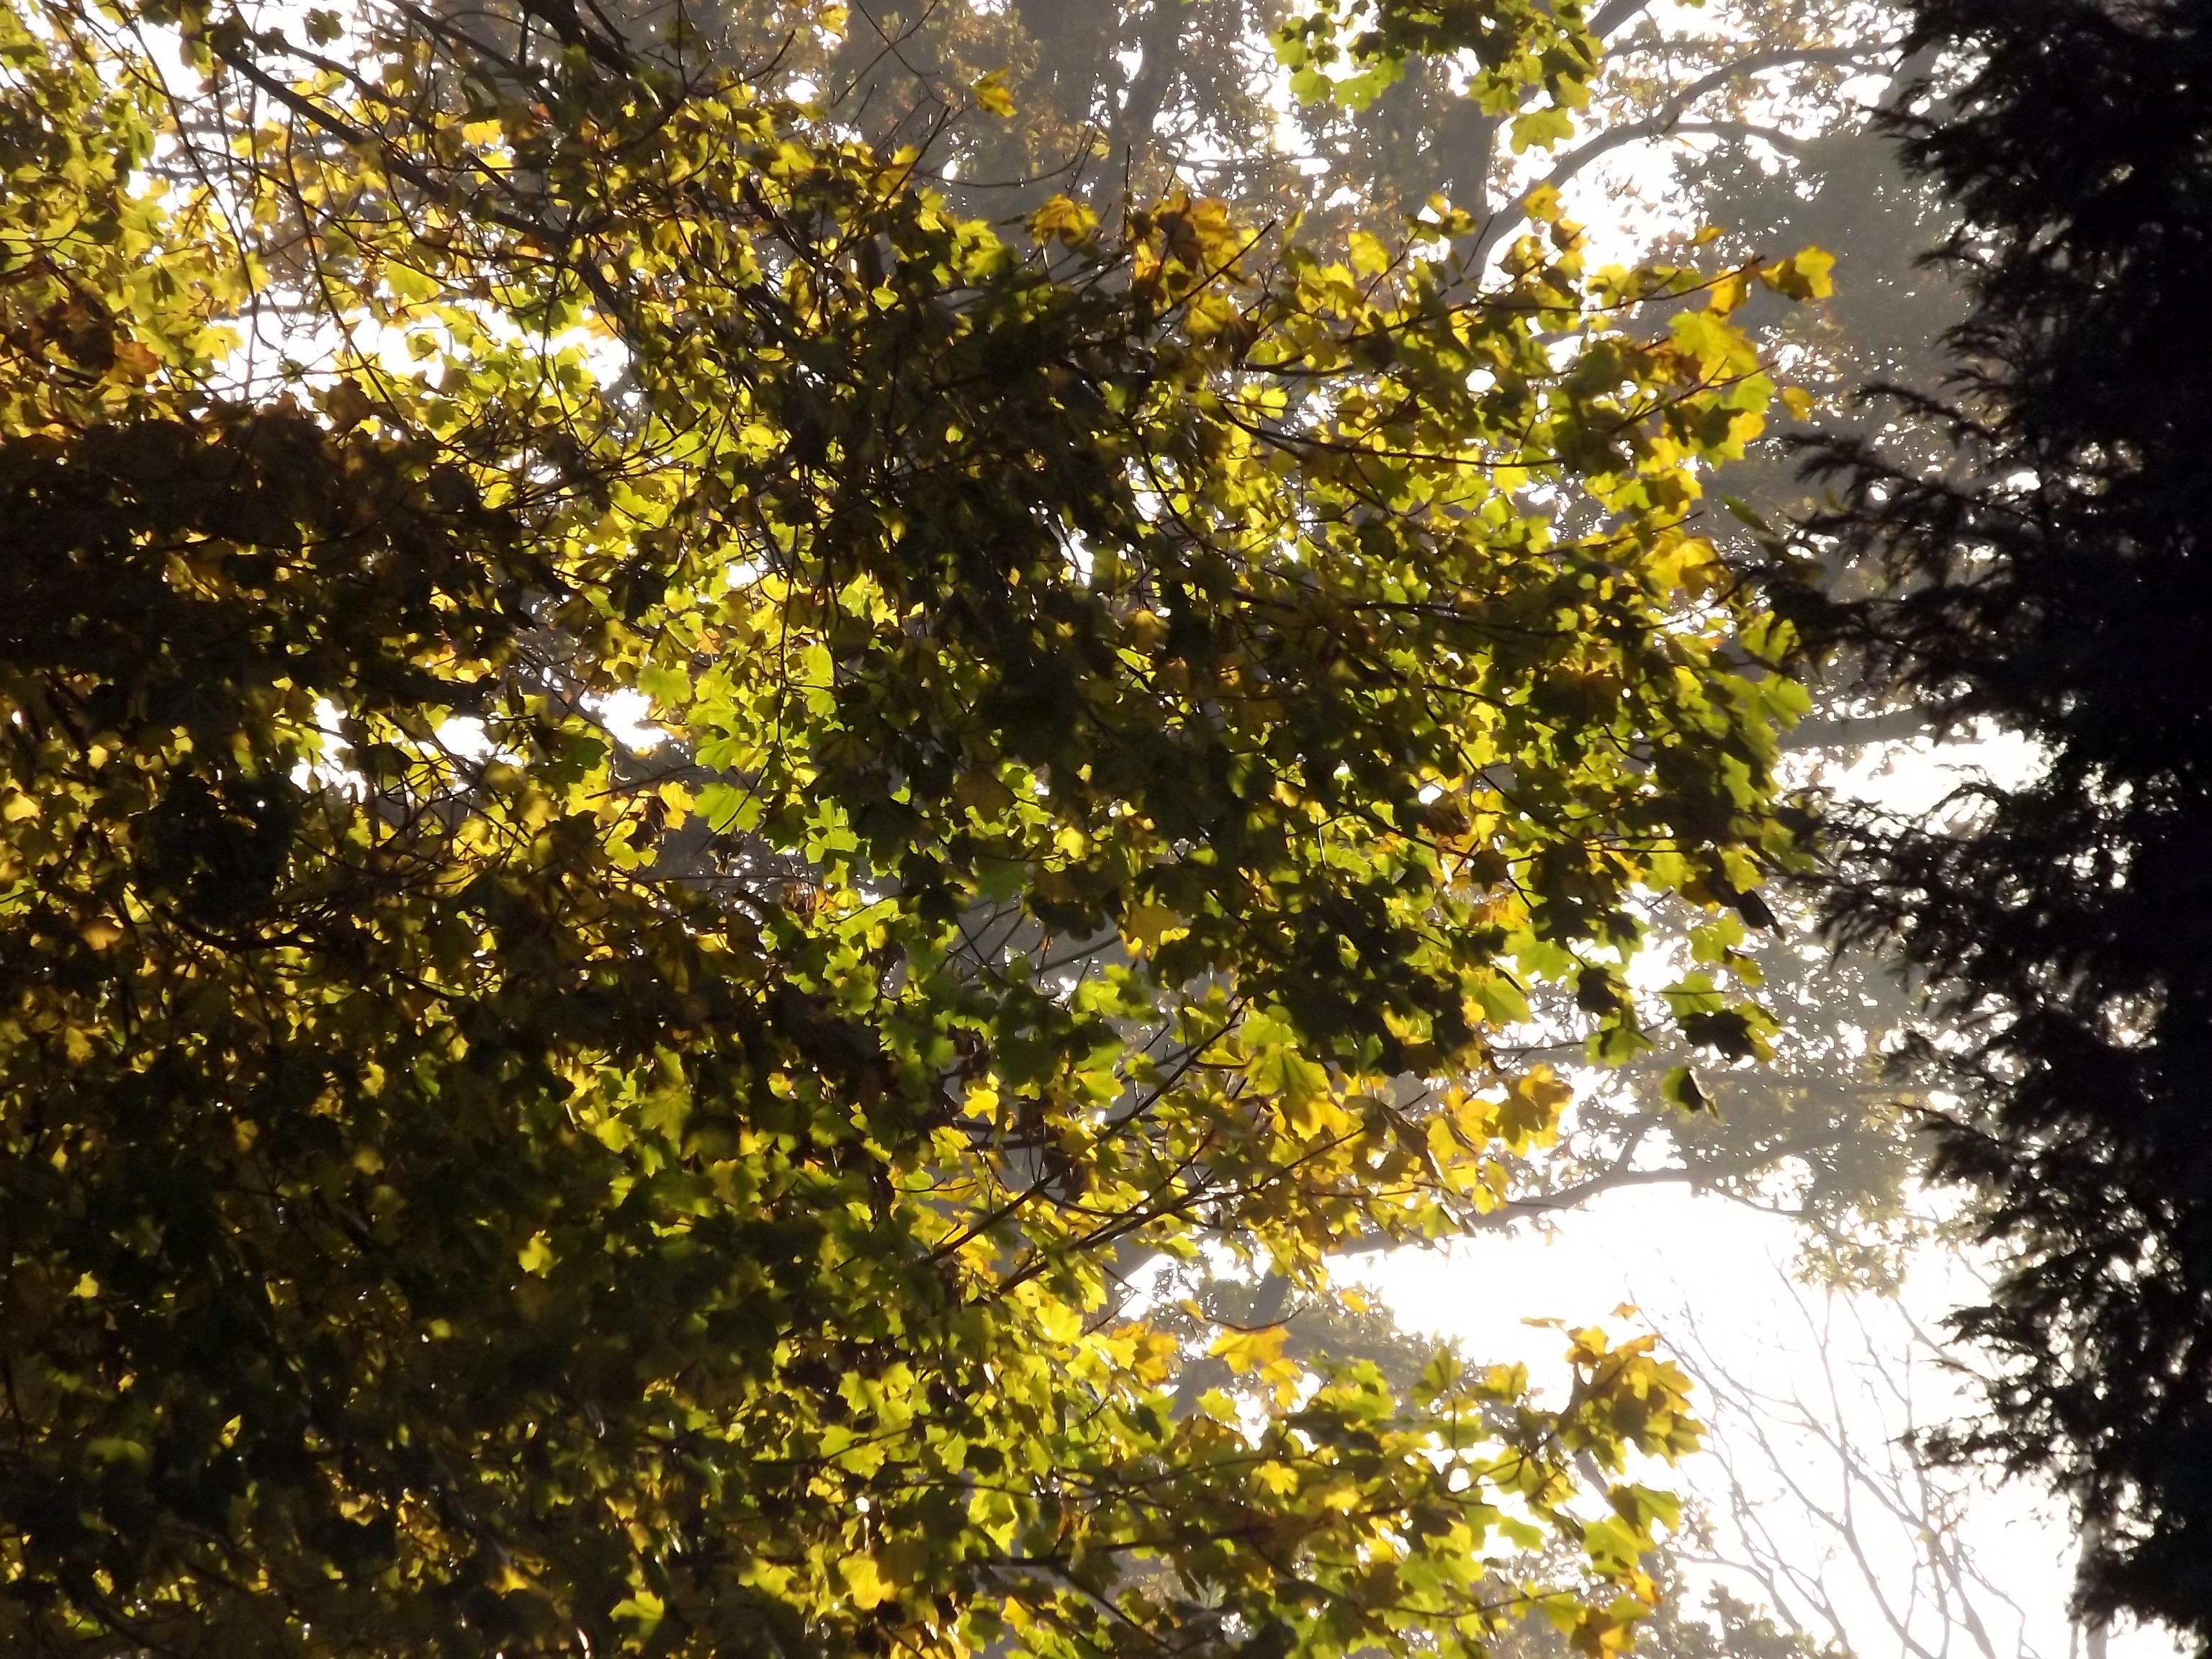 6606-herbst-blaetter-sonnenlicht